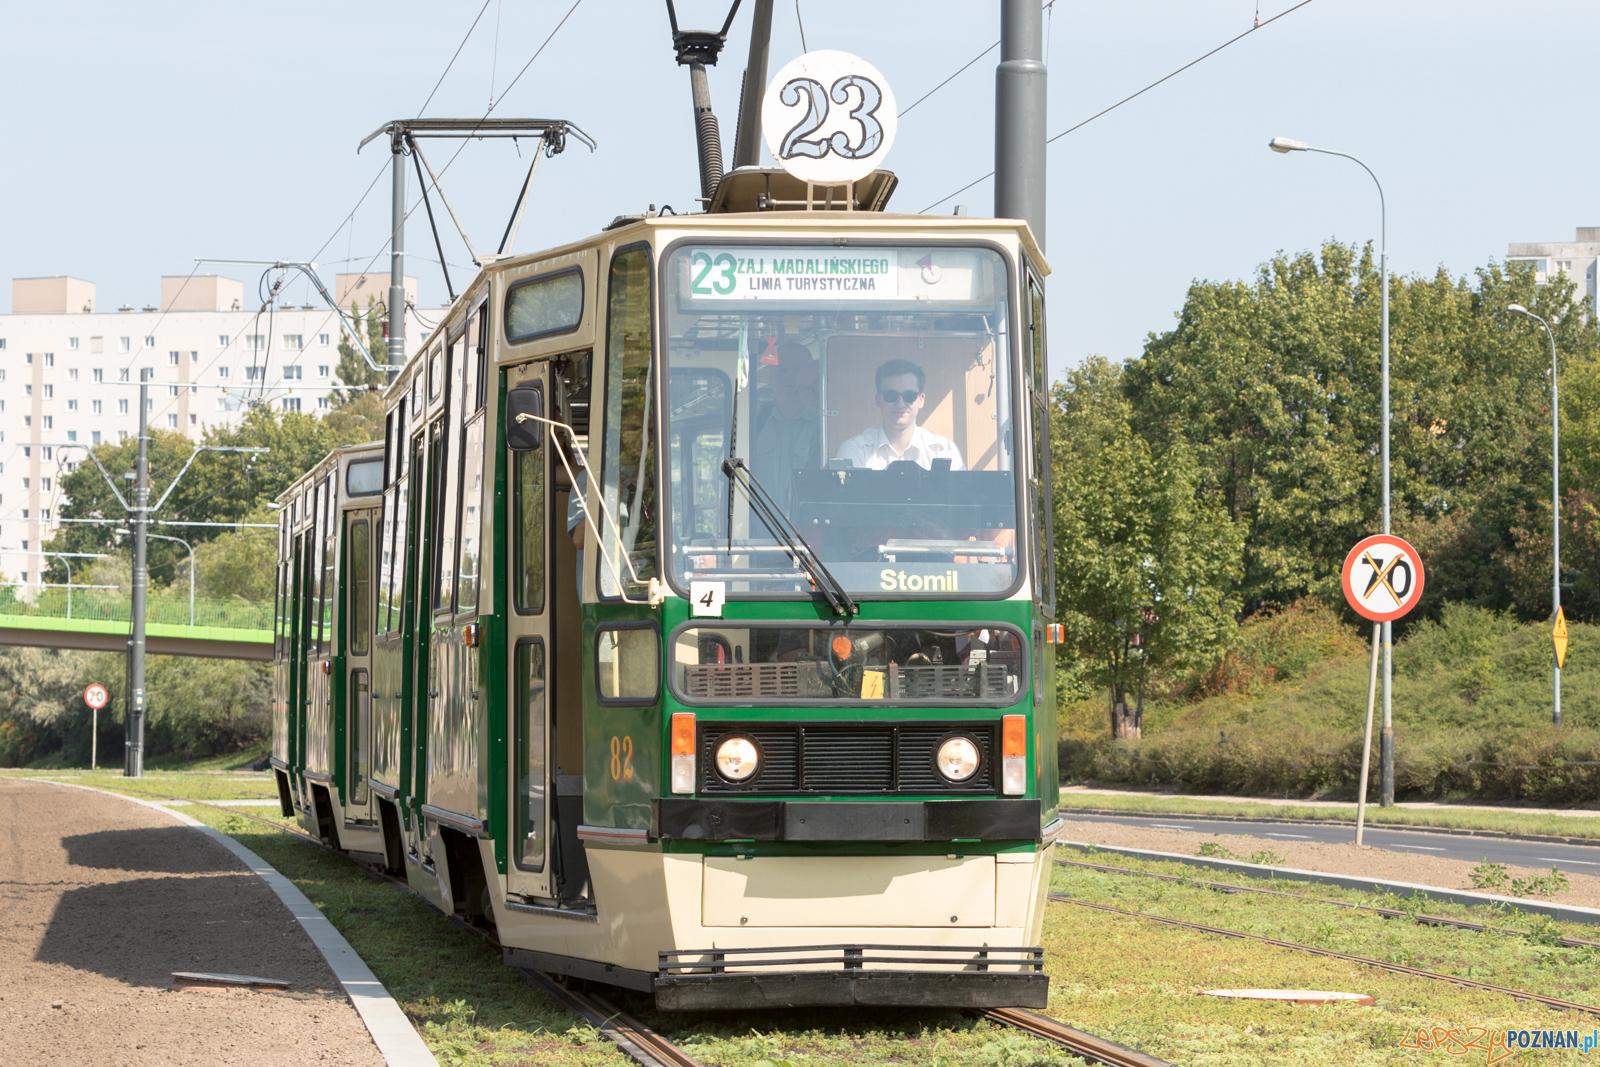 Linia turystyczna na GTR  Foto: lepszyPOZNAN.pl/Piotr Rychter